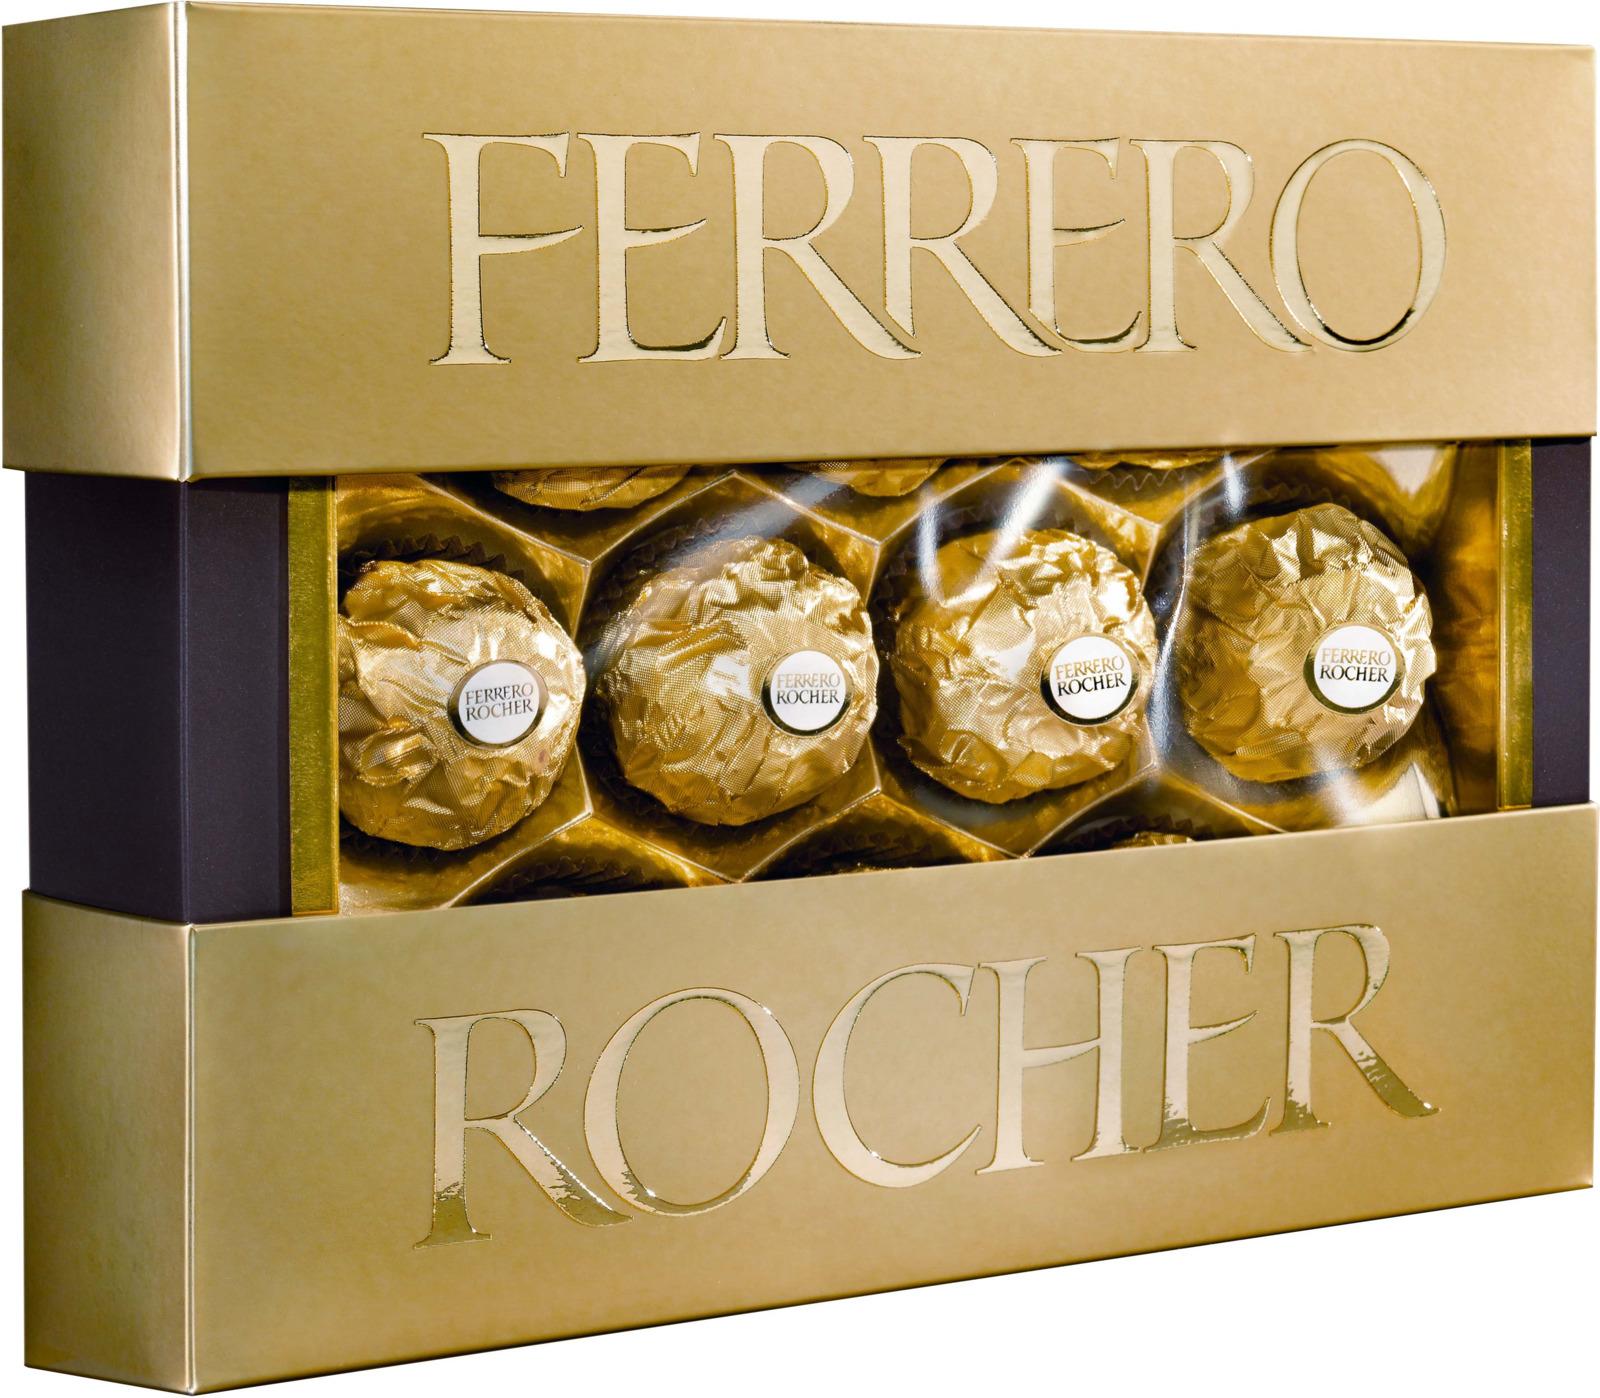 Фото - Ferrero Rocher конфеты хрустящие из молочного шоколада, покрытые измельченными орешками, с начинкой из крема и лесного ореха, 125 г ferrero prestige набор конфет mon cheri ferrero rocher pocket coffee espresso 246 г